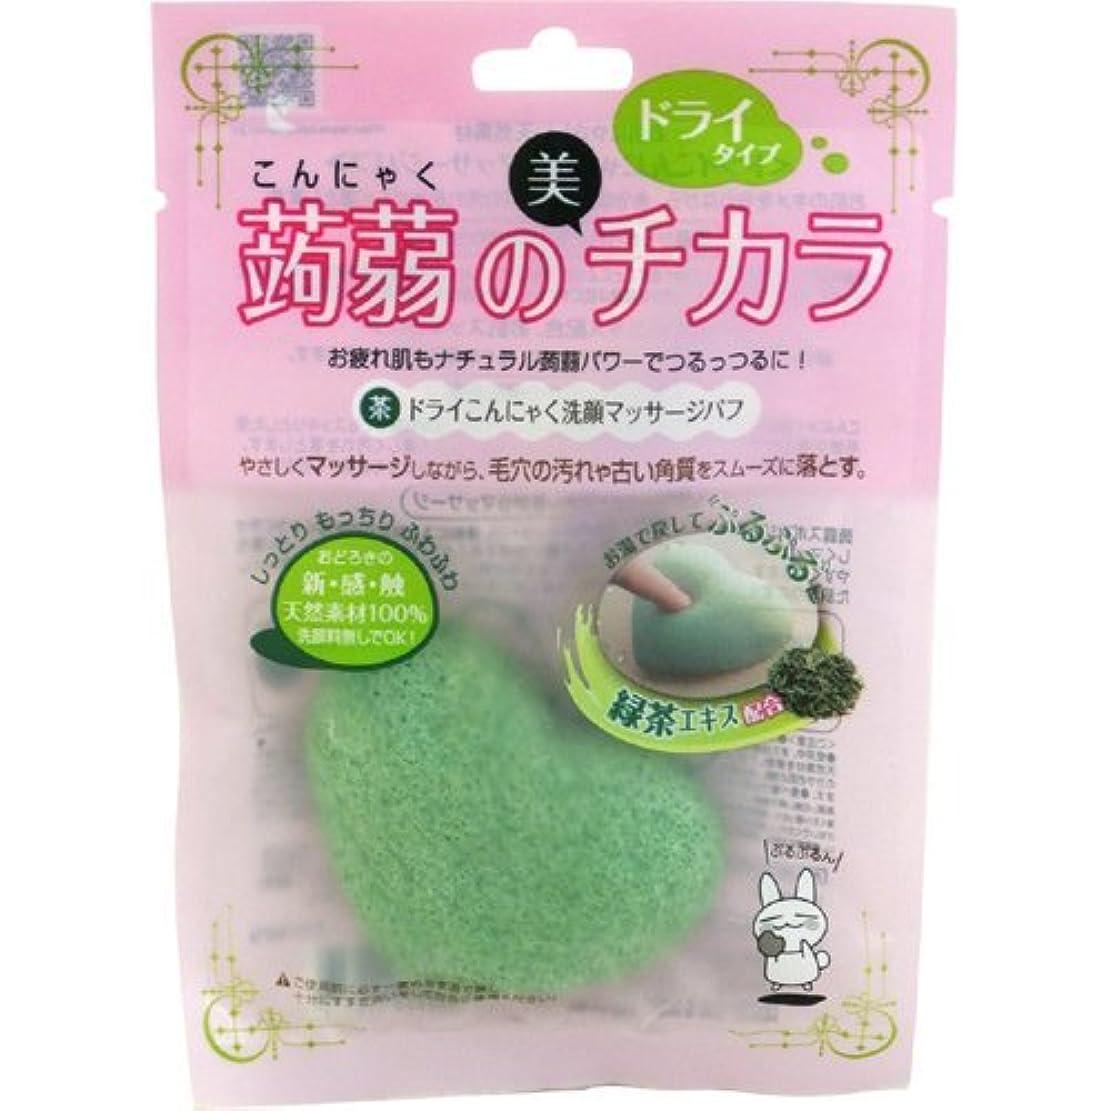 ドライ蒟蒻センガンマッサージパフ 緑茶